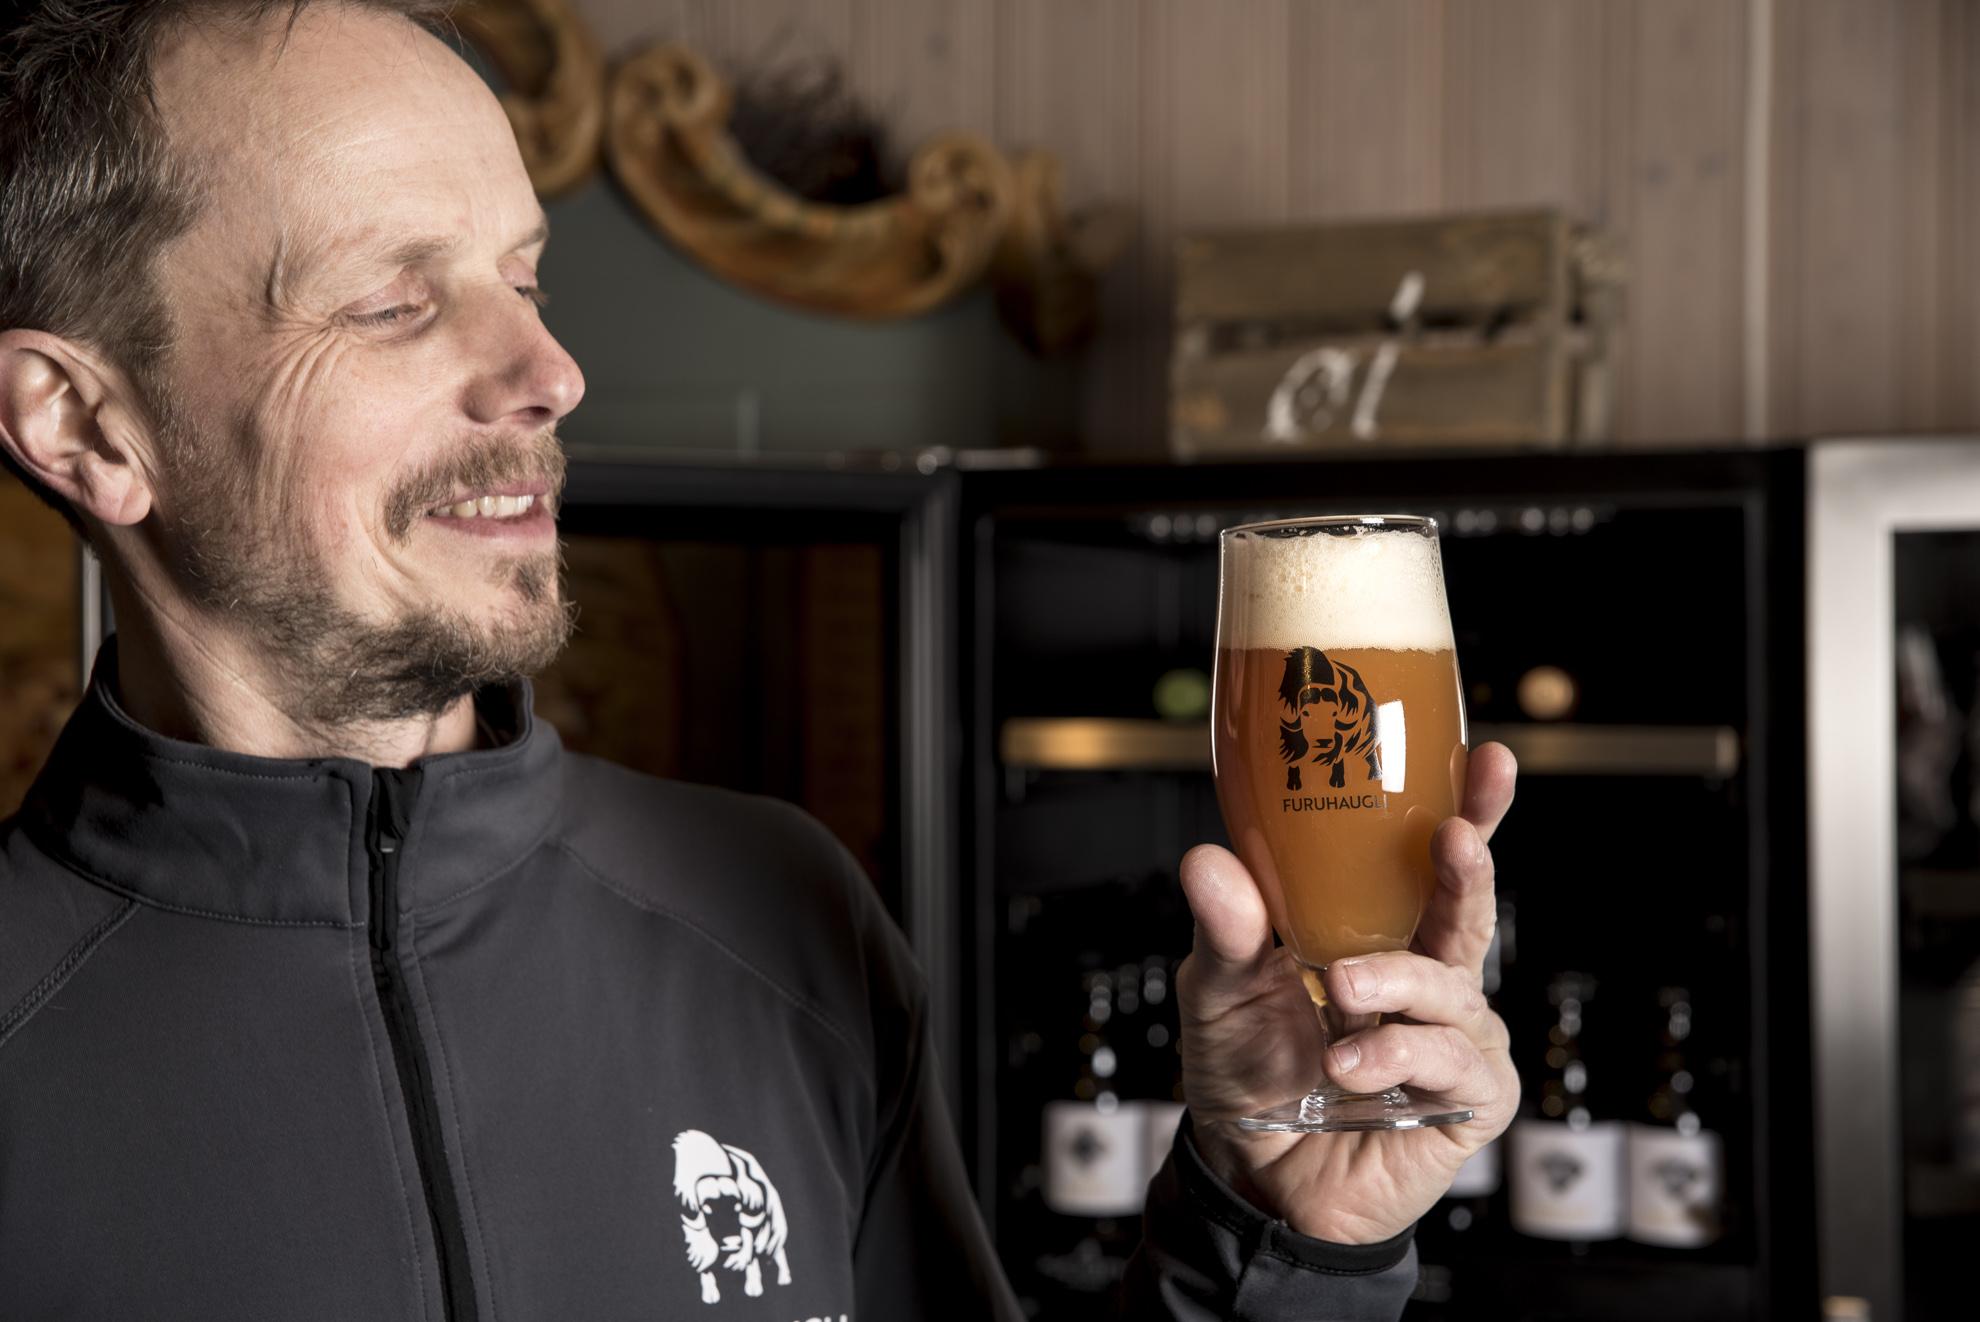 Norges minste bryggeri - Ølbrygging er en personlig interesse som utviklet seg til å bli et eget produkt hos Furuhaugli. Vi registrerer stor interesse for håndbrygget øl, og i vårt eget bryggeri – som er Norges minste – produserer vi øl for salg i restauranten. Bryggeriet har også blitt omtalt i mange publikasjoner, og ølsortene er omtalt i øl- og bryggerirelaterte fora.